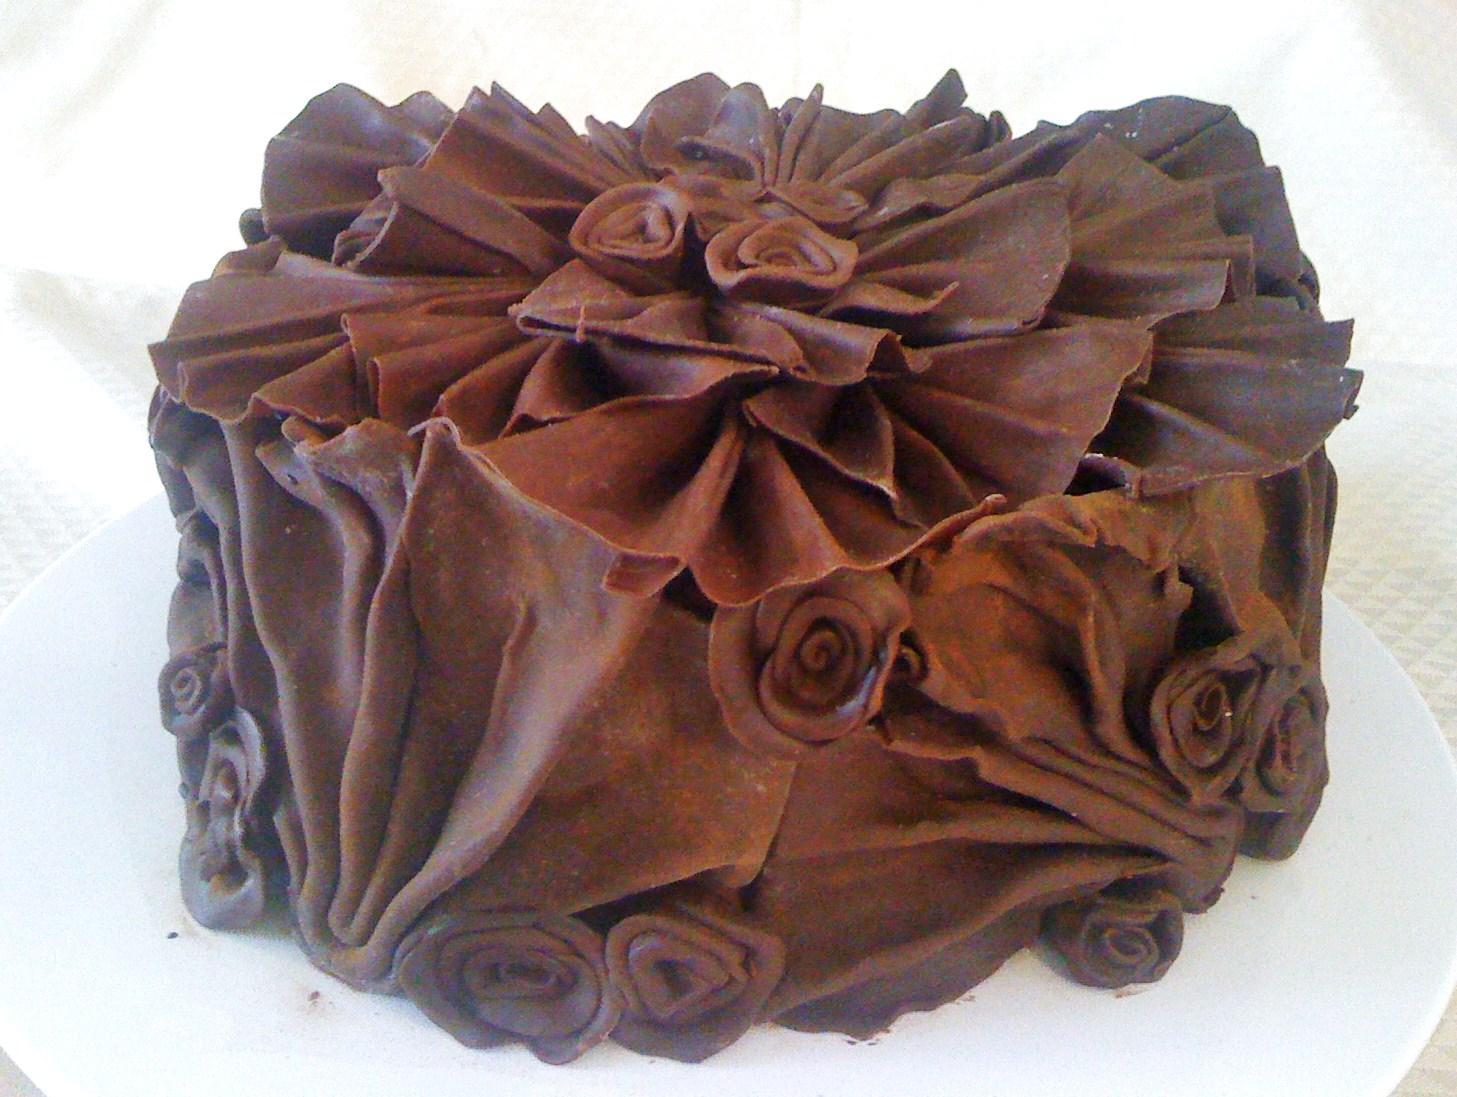 Omini pasticcini torta tartufata rose e ventagli di for Decorazioni di cioccolato per torte